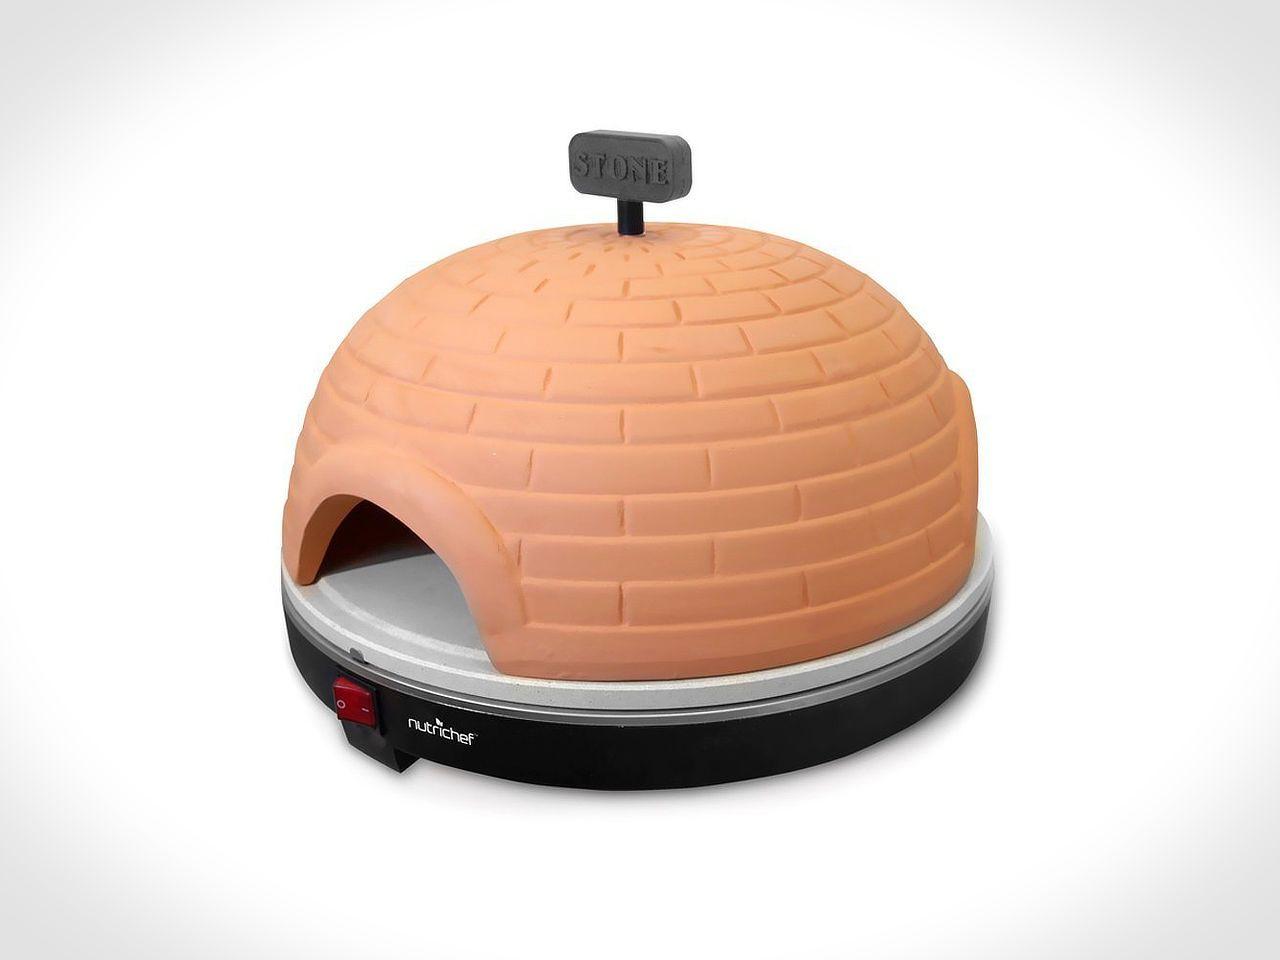 brick-oven-pizza-dome-002